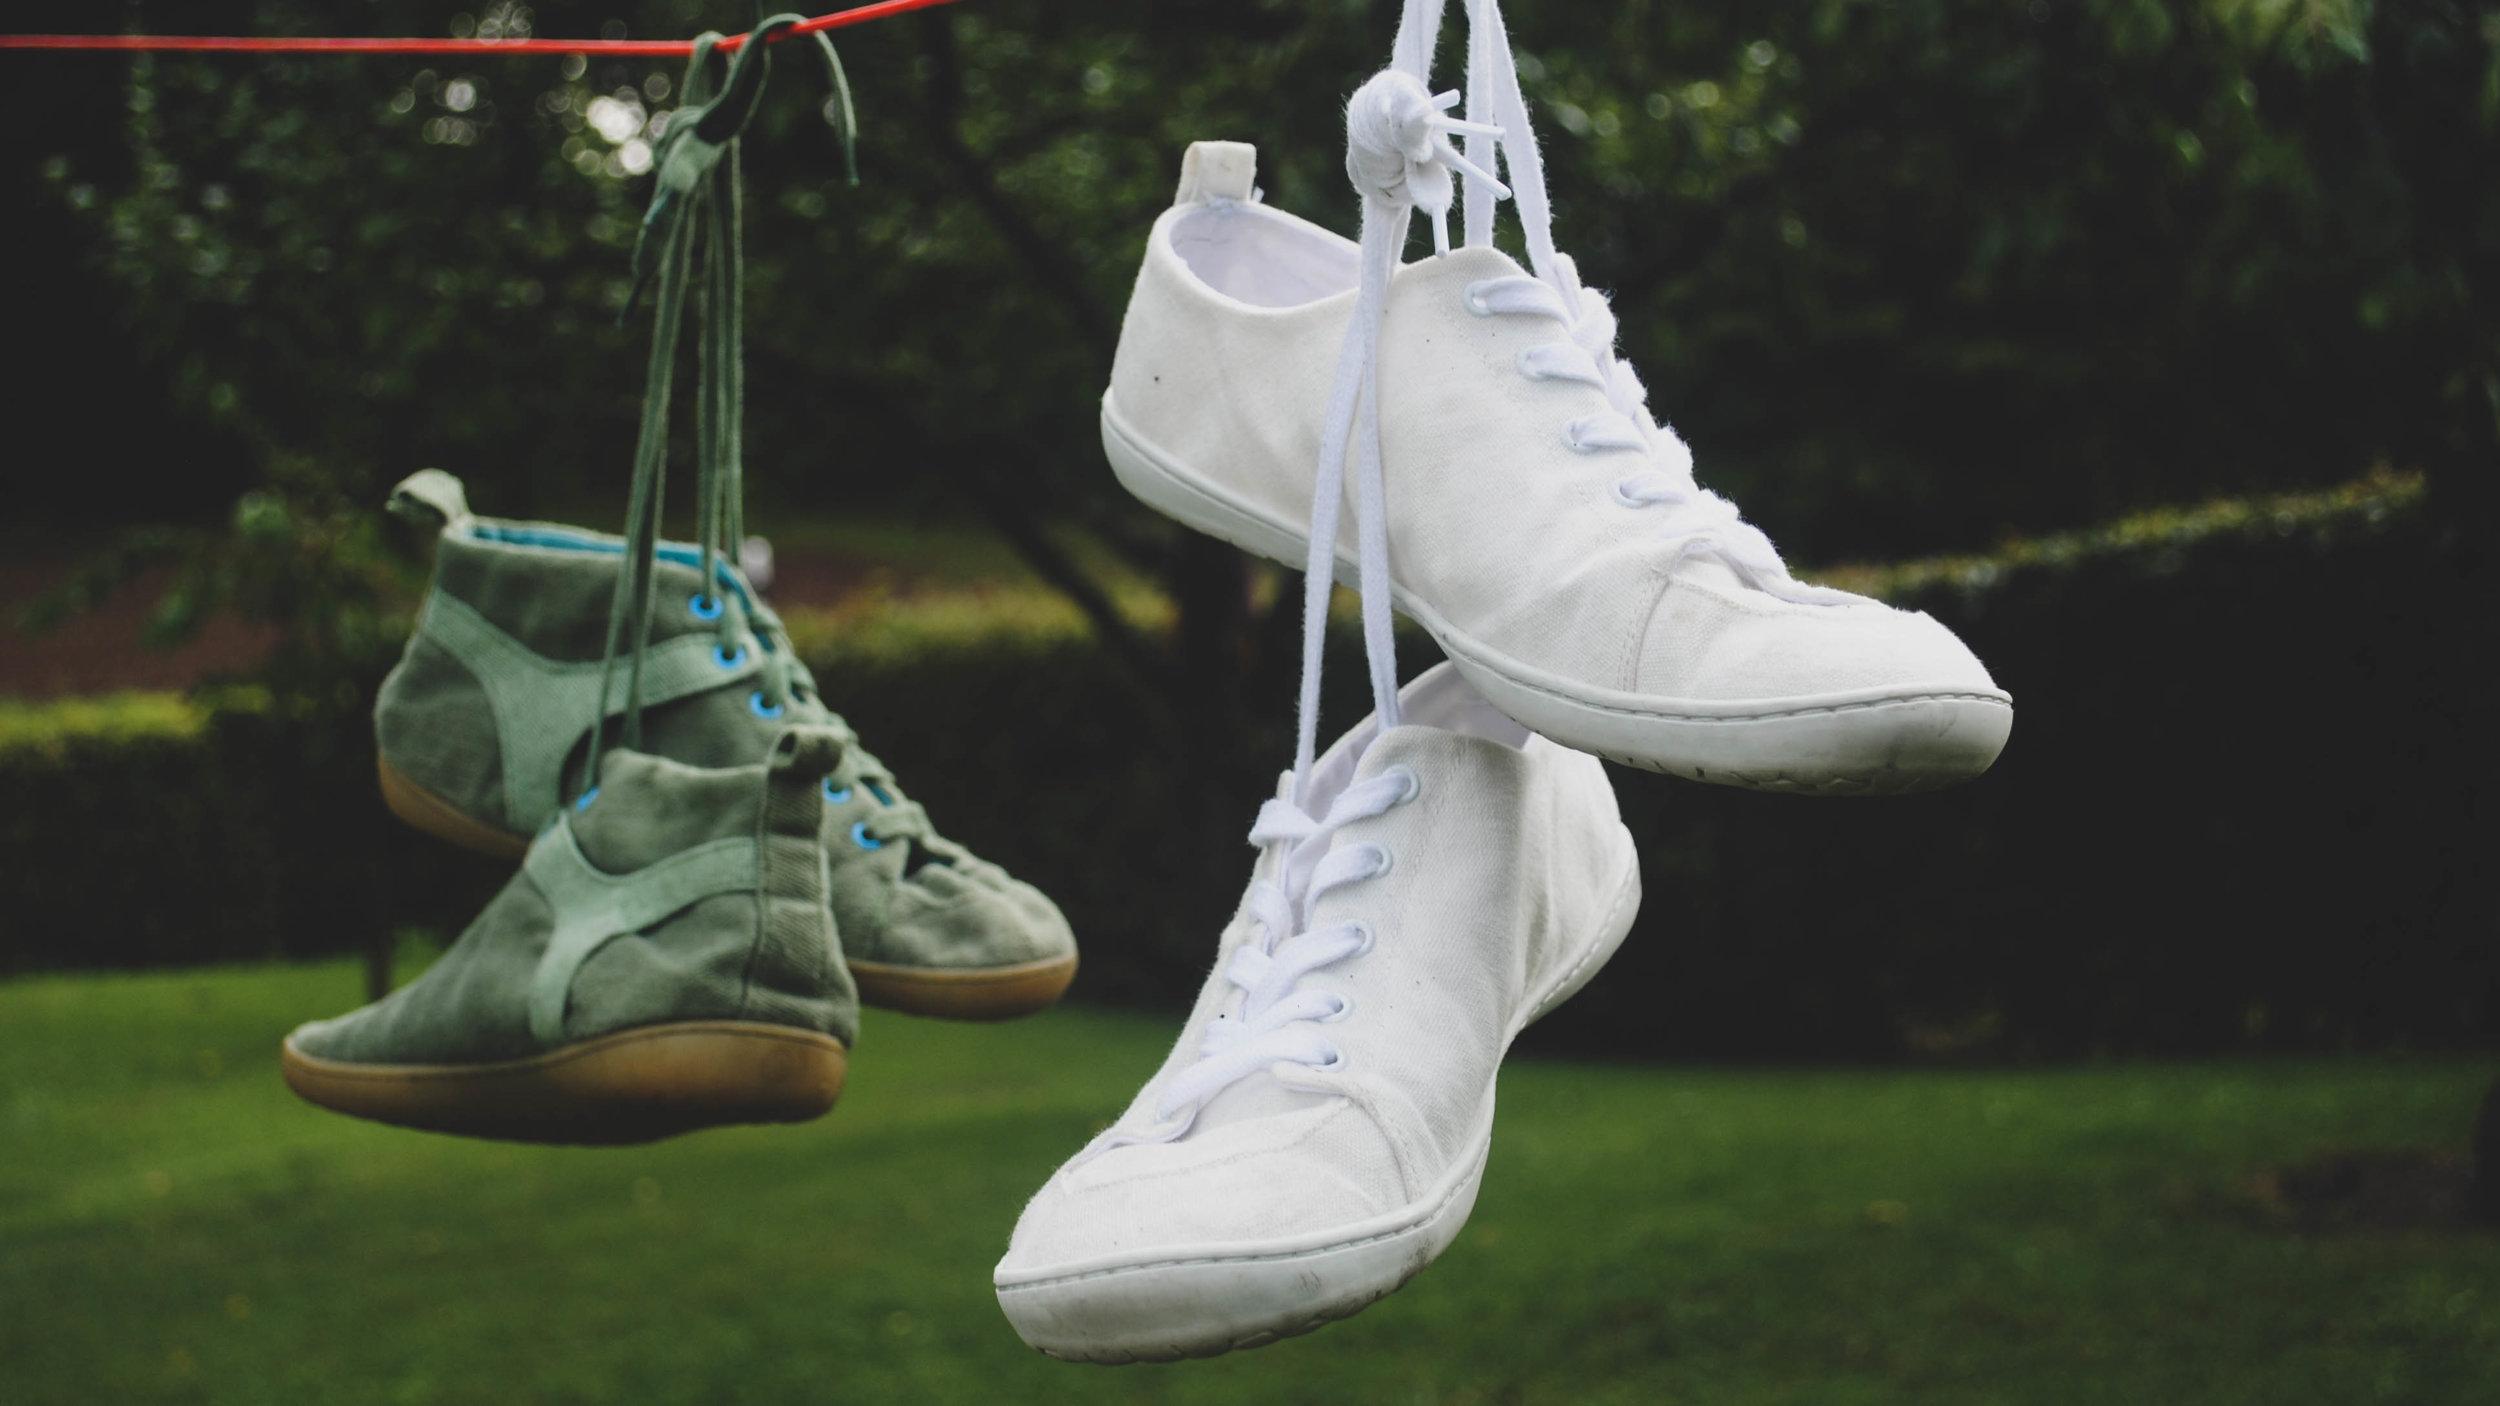 barefootshoes.jpg